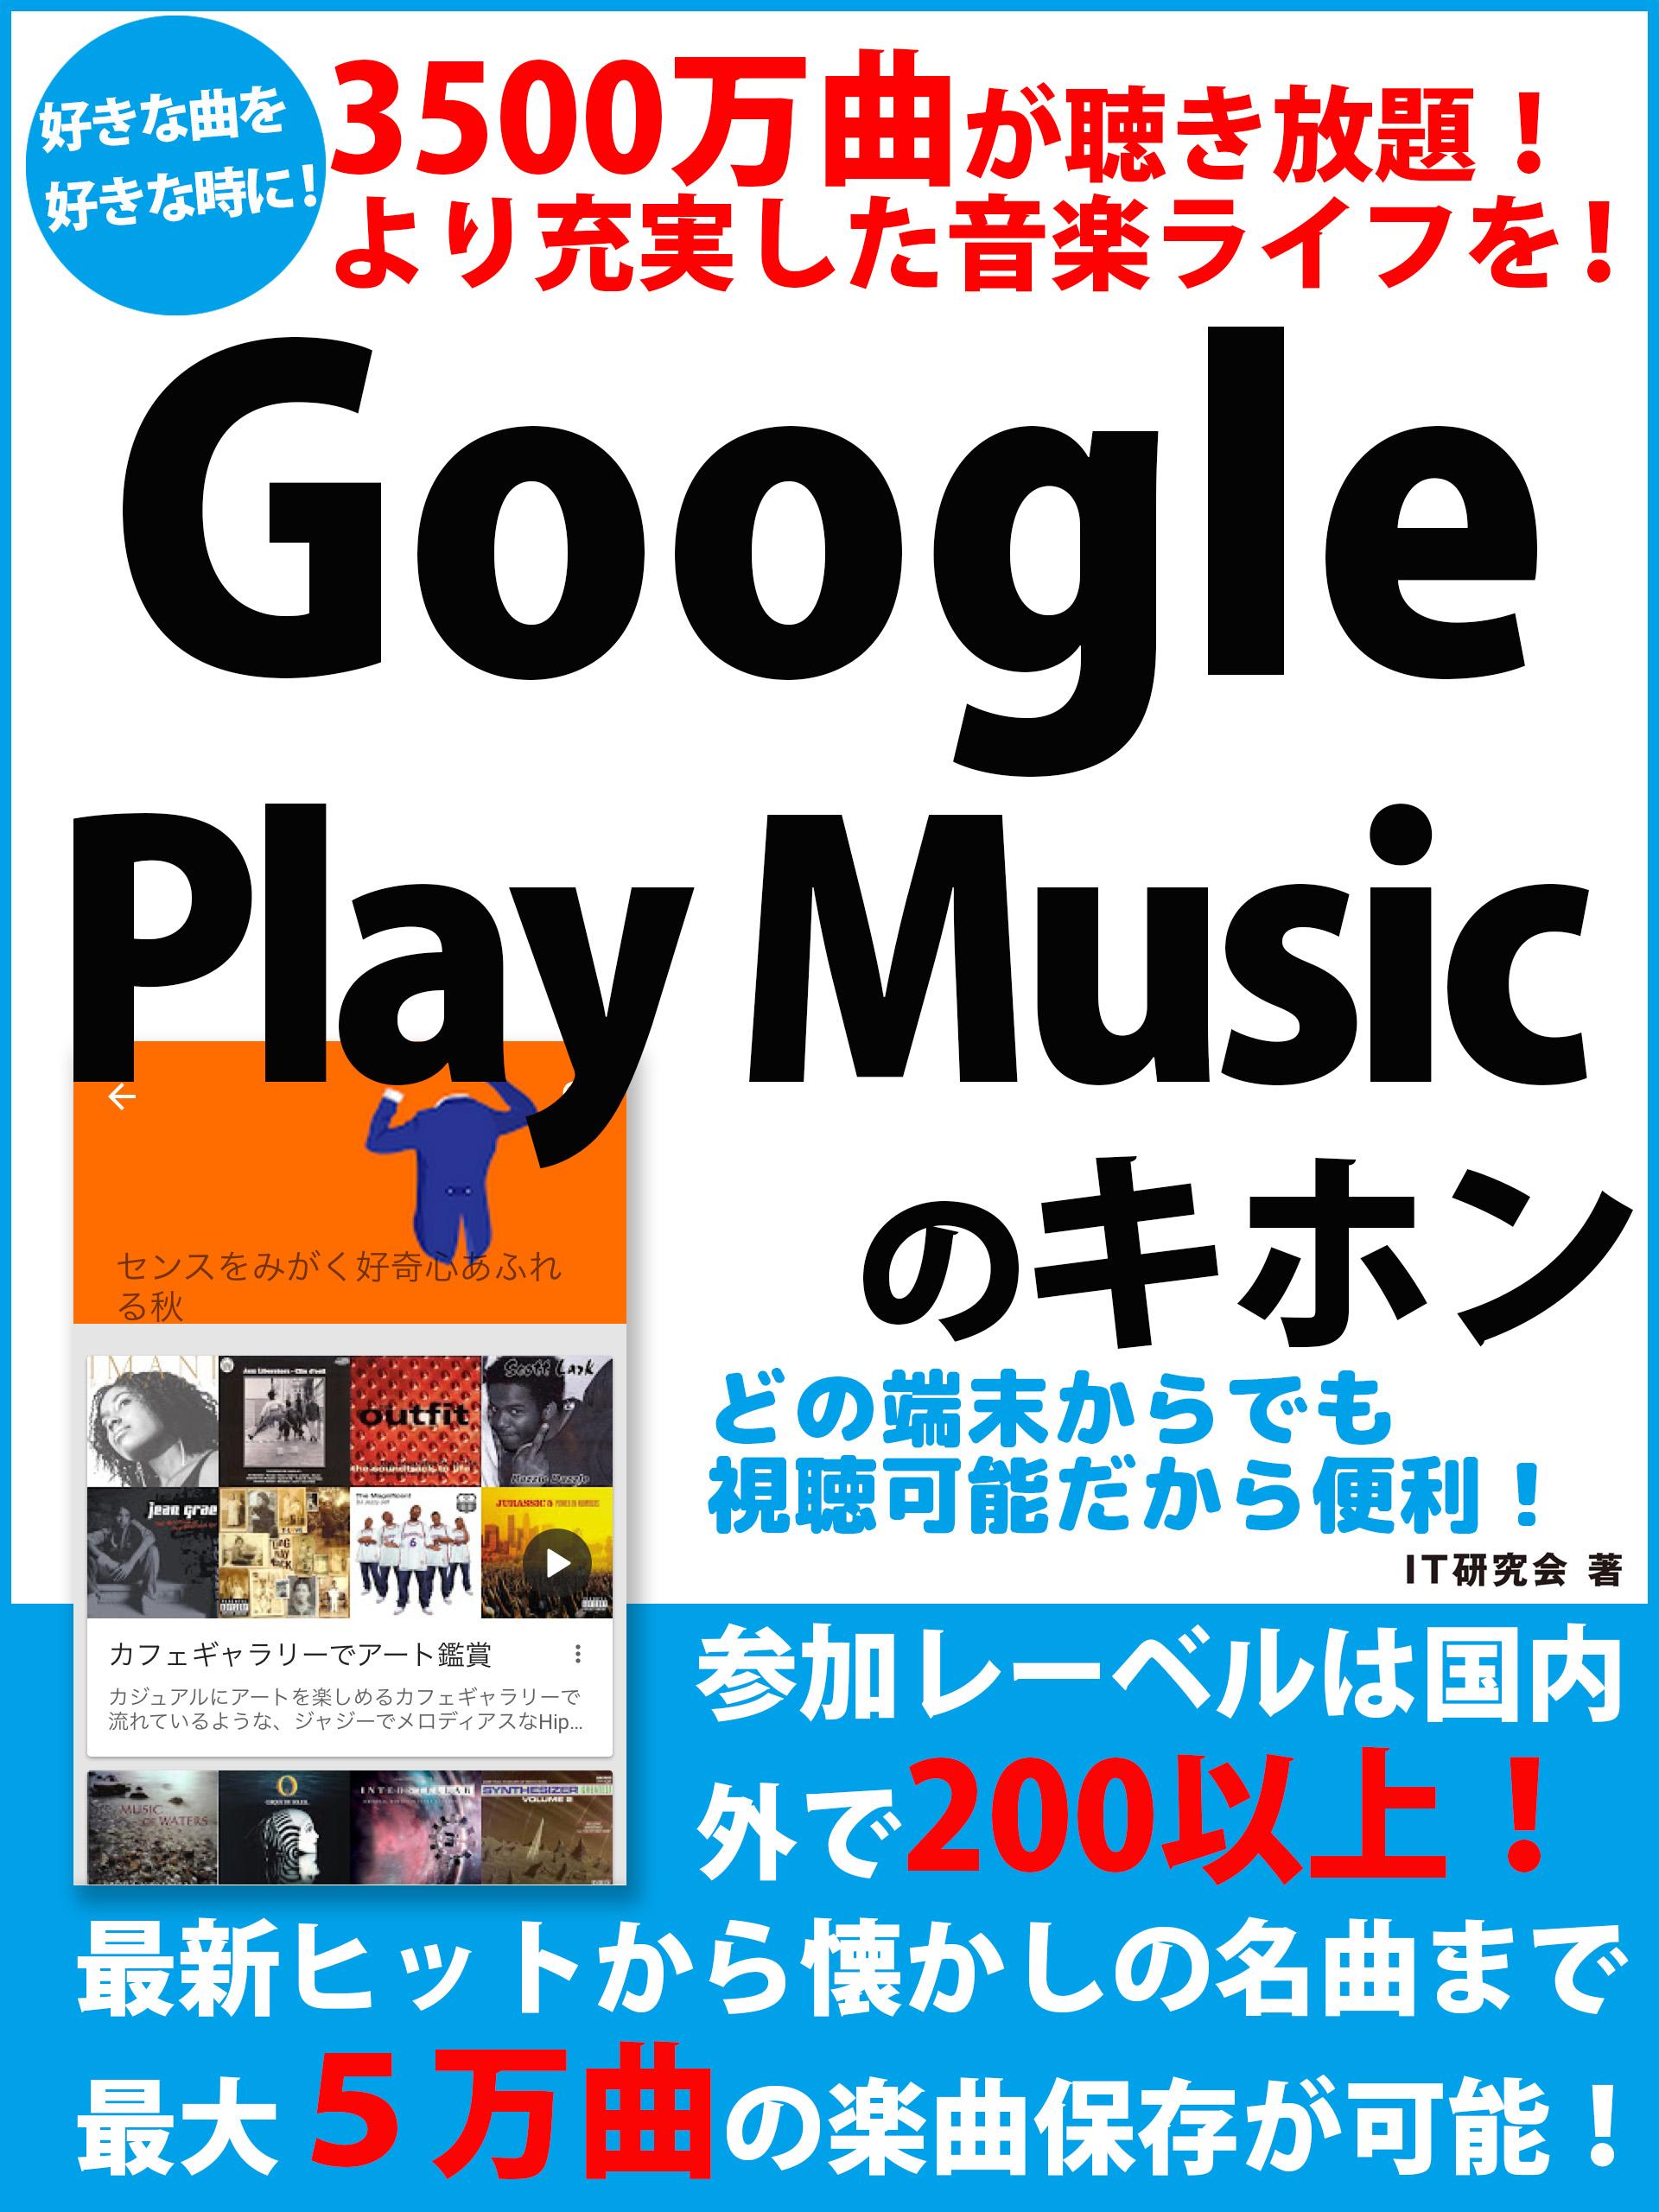 3500万曲が聴き放題! より充実した音楽ライフを! Google Play Musicのキホン